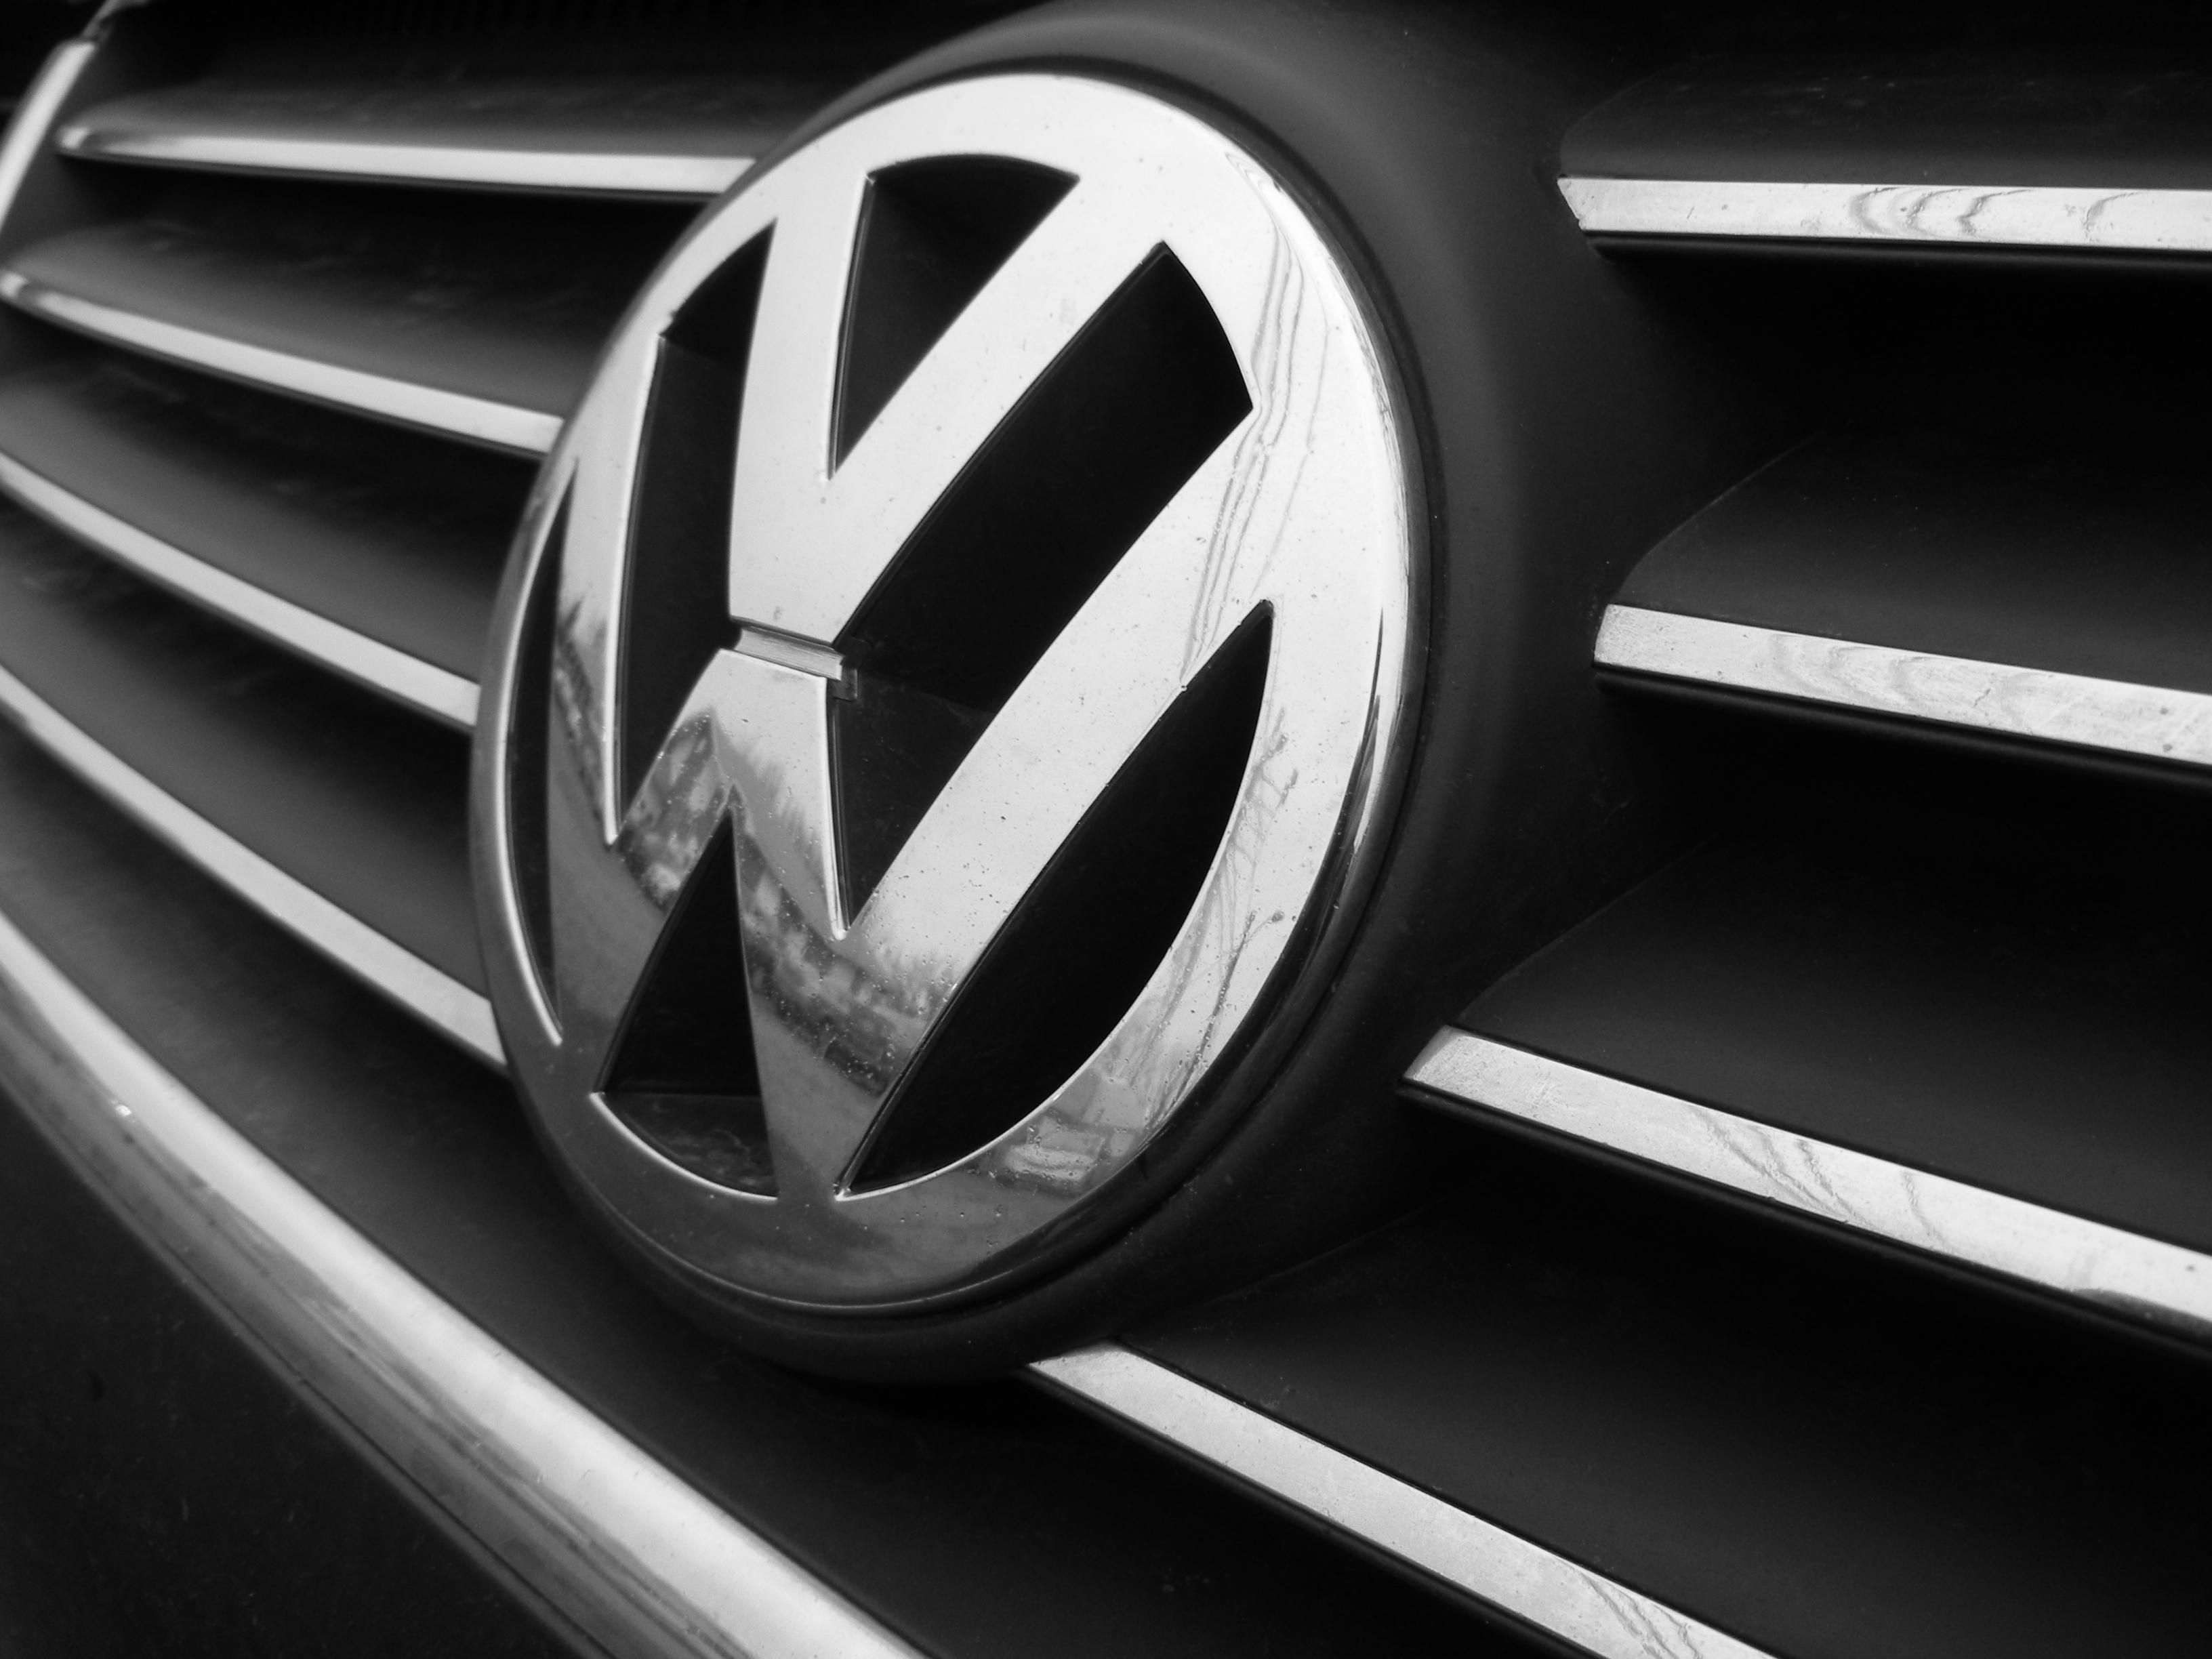 Wurden Milliardenkredite zweckentfremdet? Die EU ermittelt gegen Volkswagen.